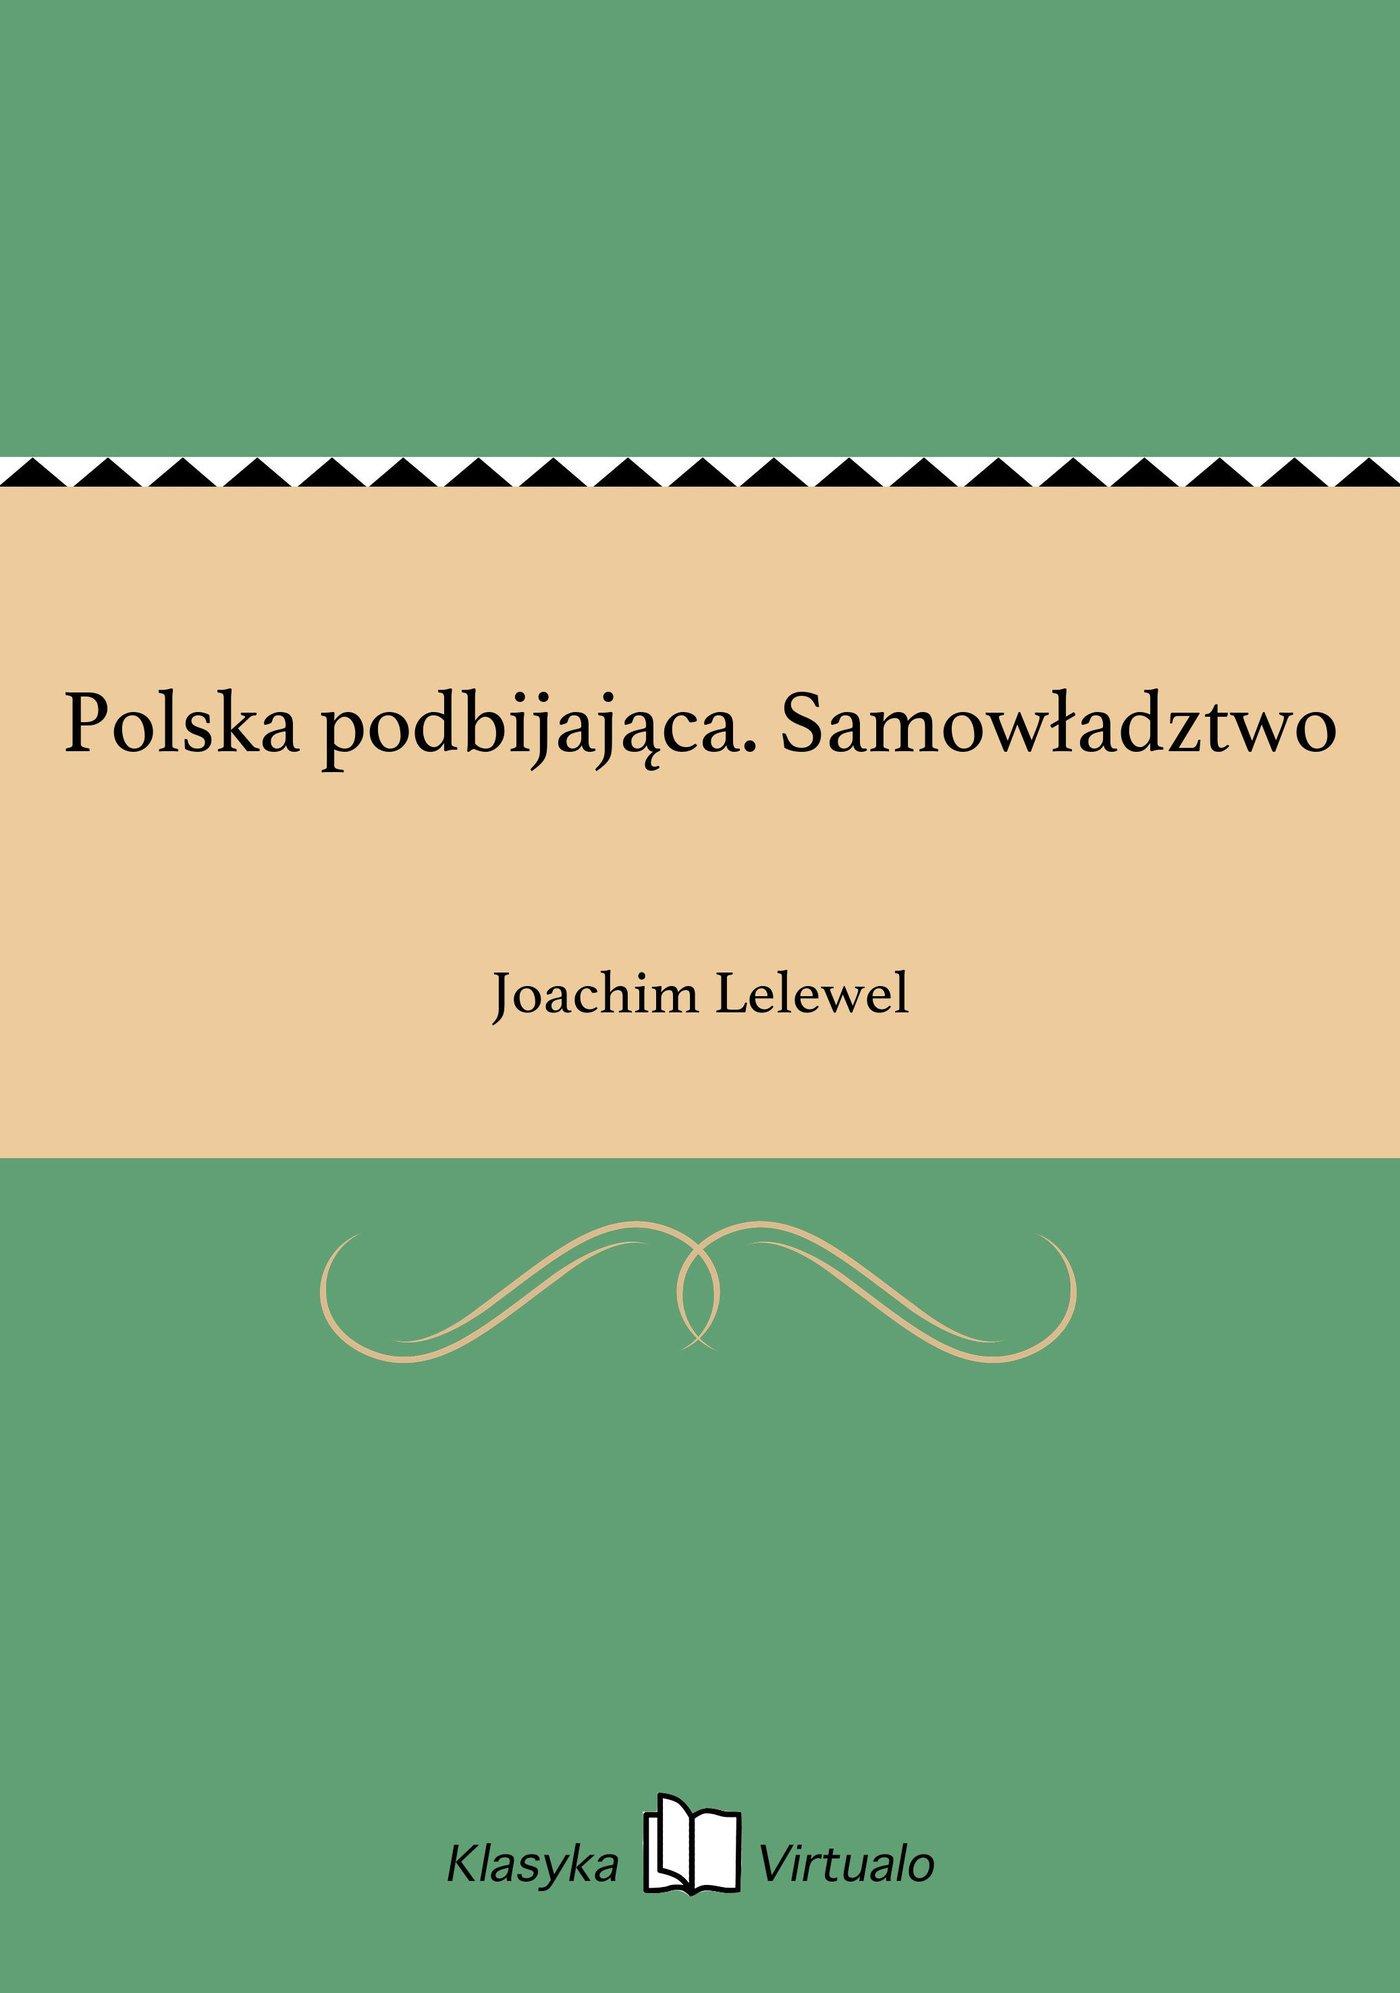 Polska podbijająca. Samowładztwo - Ebook (Książka na Kindle) do pobrania w formacie MOBI